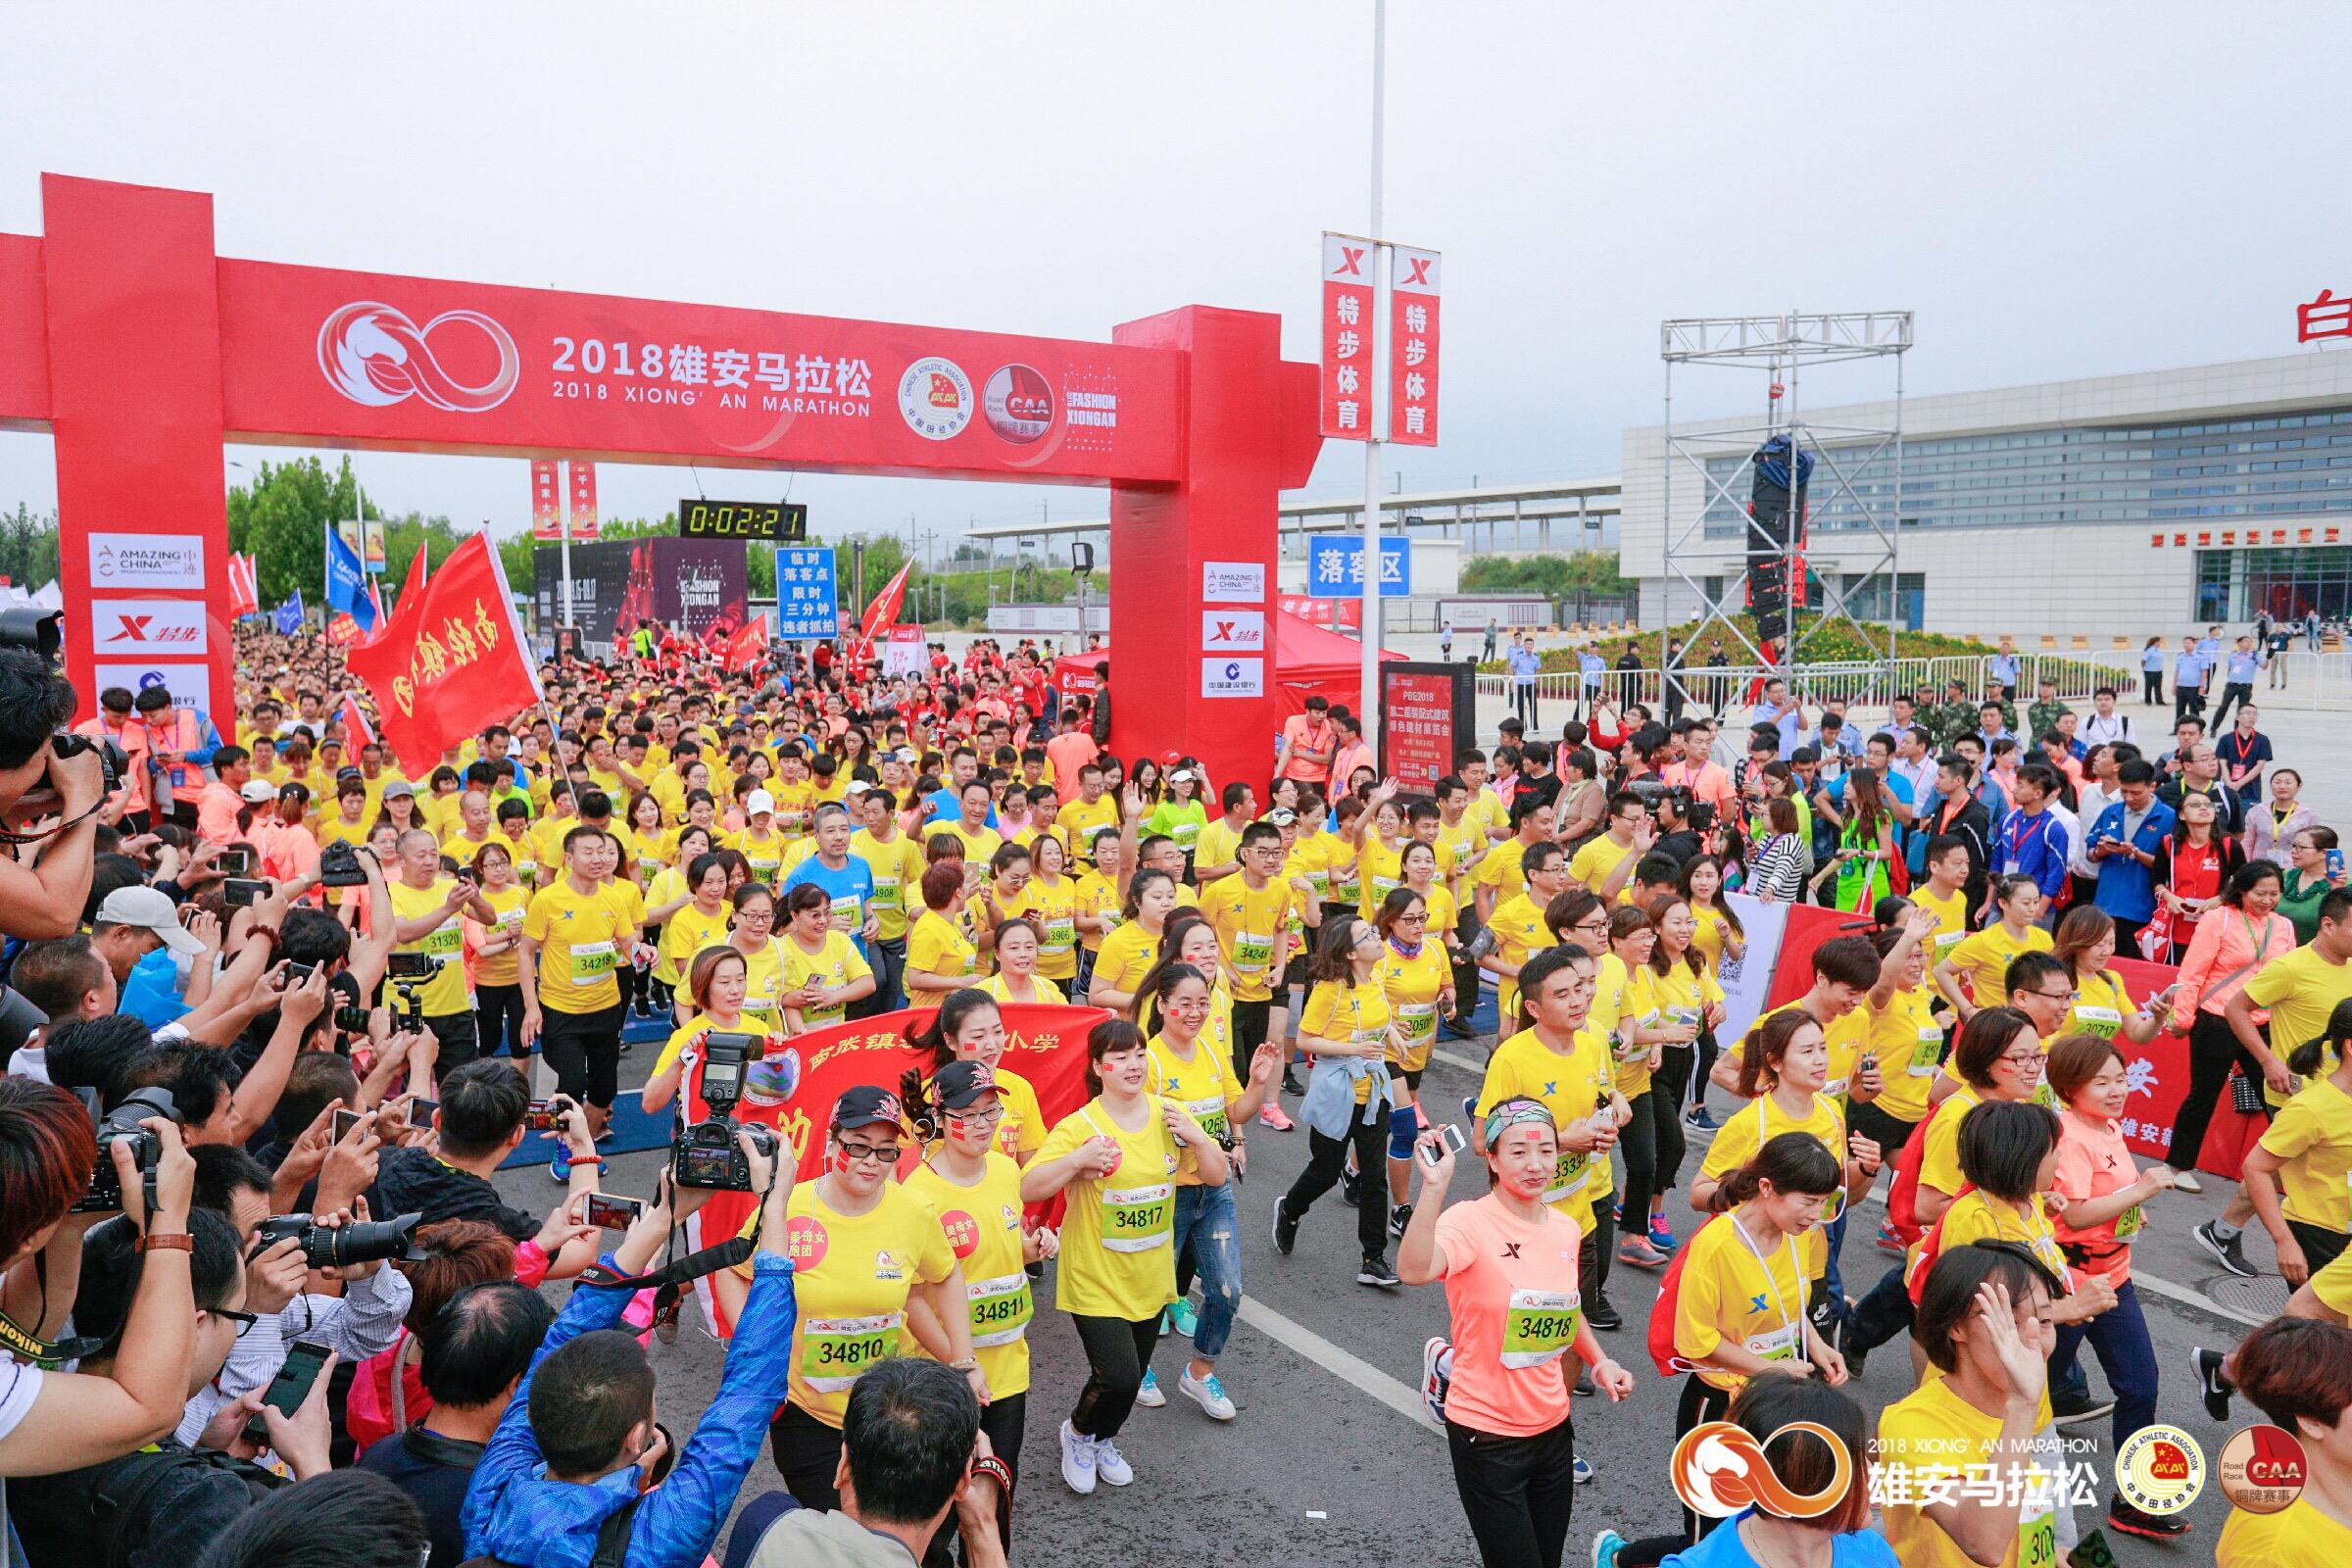 向幸福出发 2018雄安马拉松盛大开赛